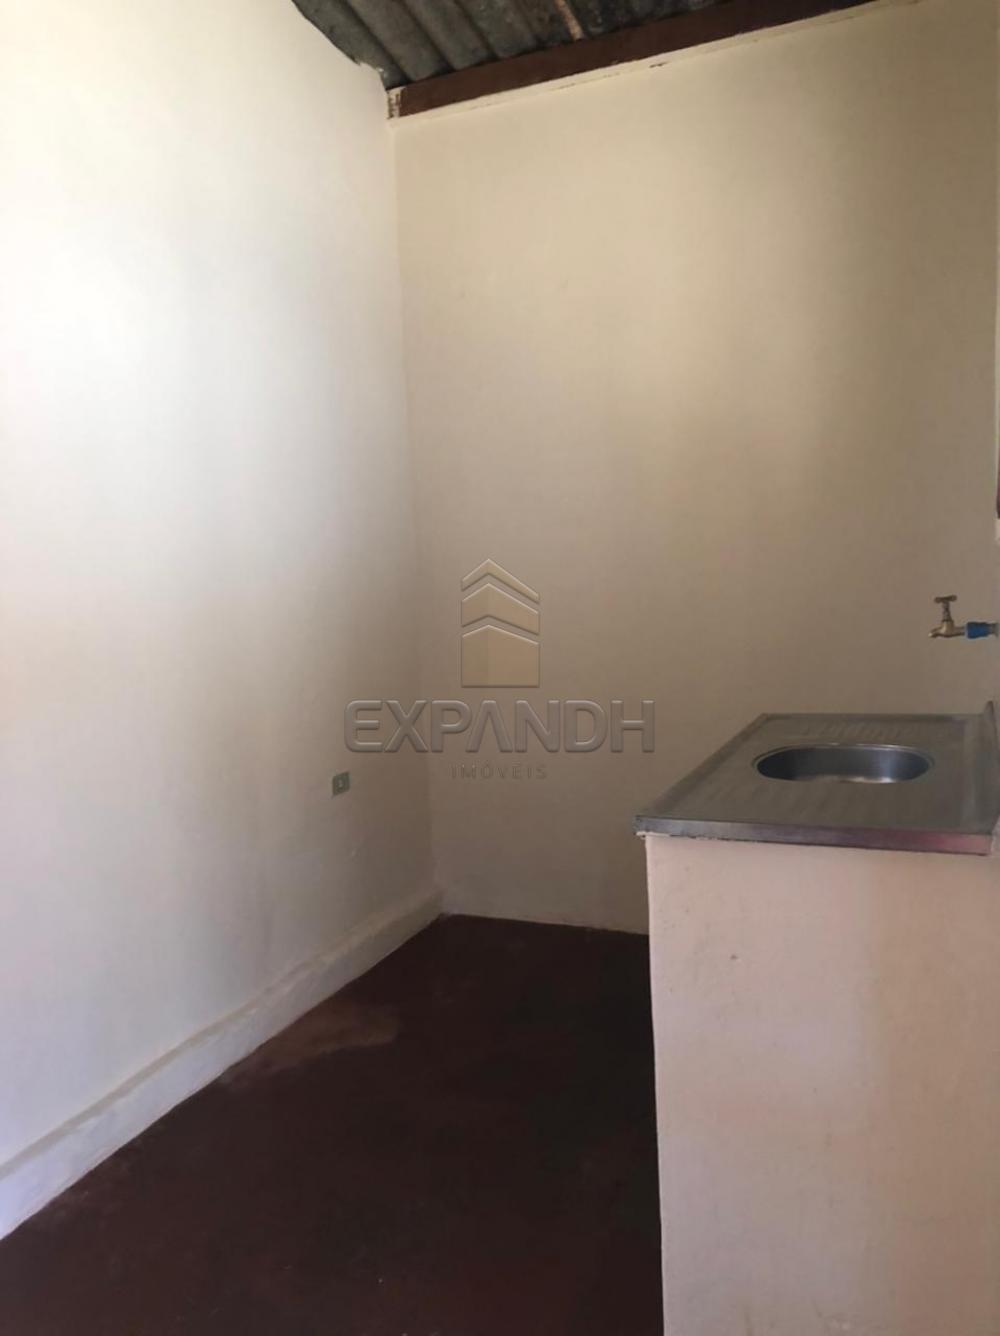 Alugar Casas / Padrão em Sertãozinho R$ 505,00 - Foto 5